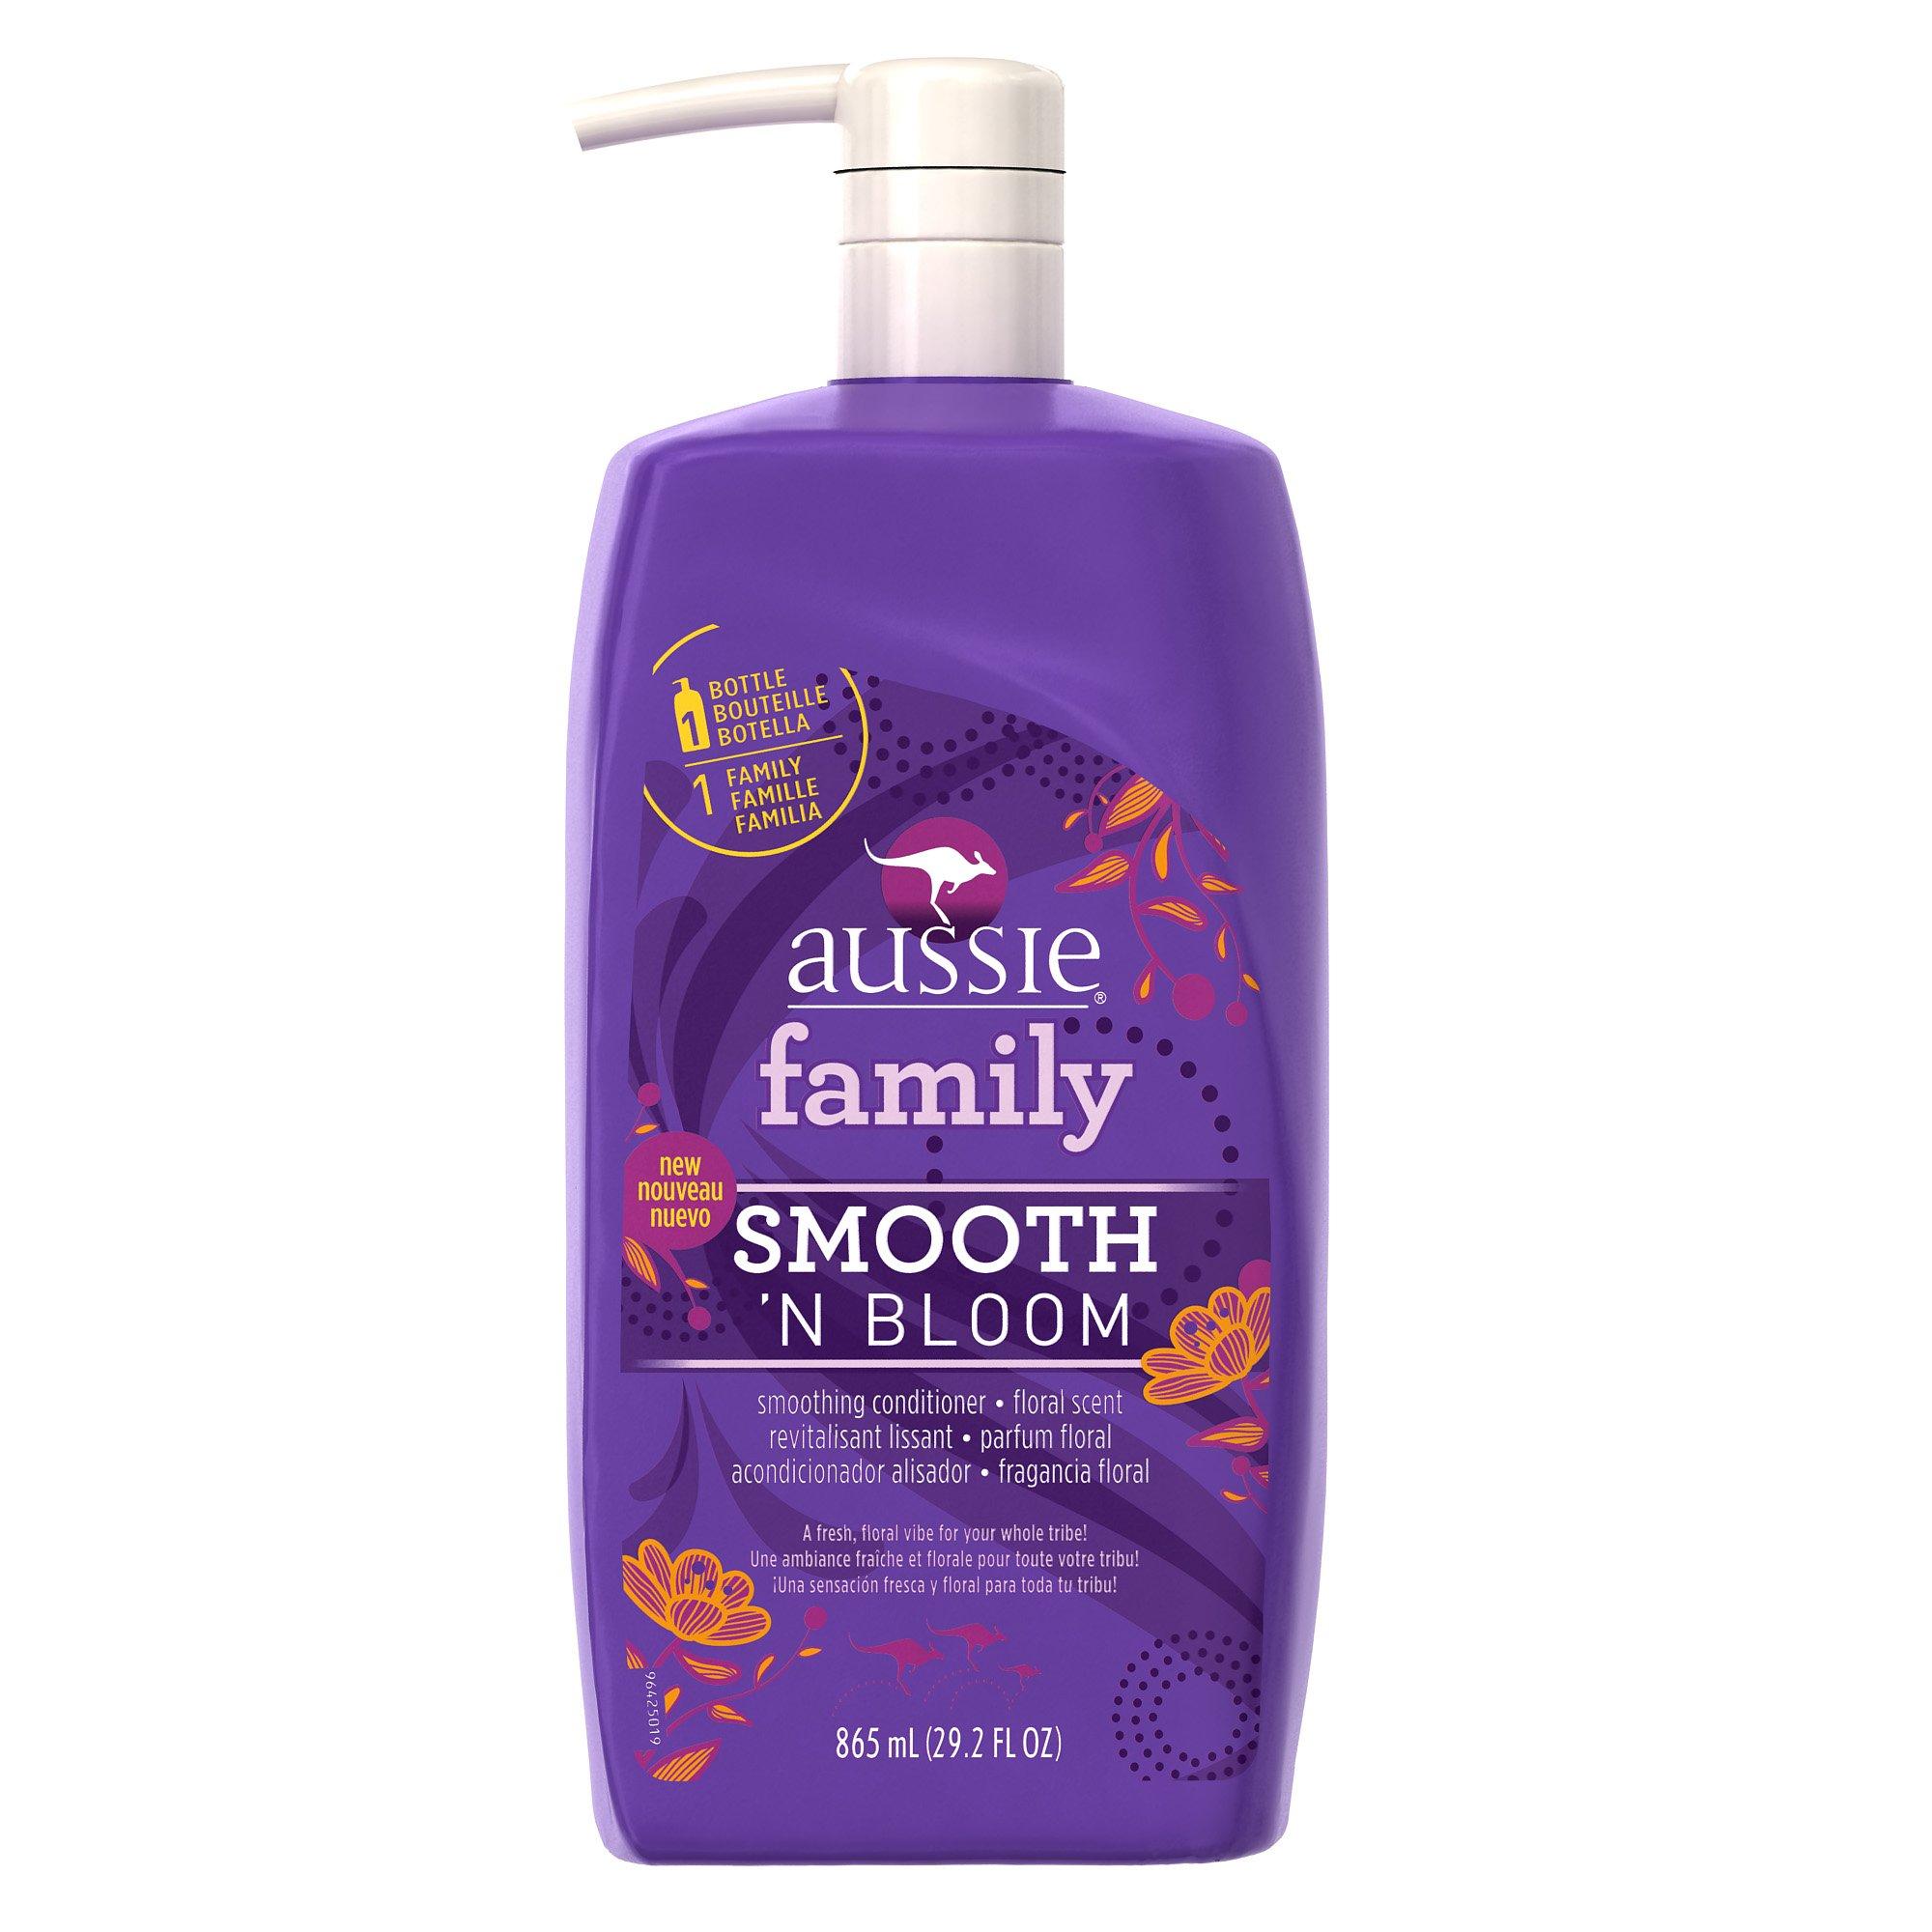 Aussie Smooth 'N Bloom Smoothing Conditioner 29.2 Fl Oz